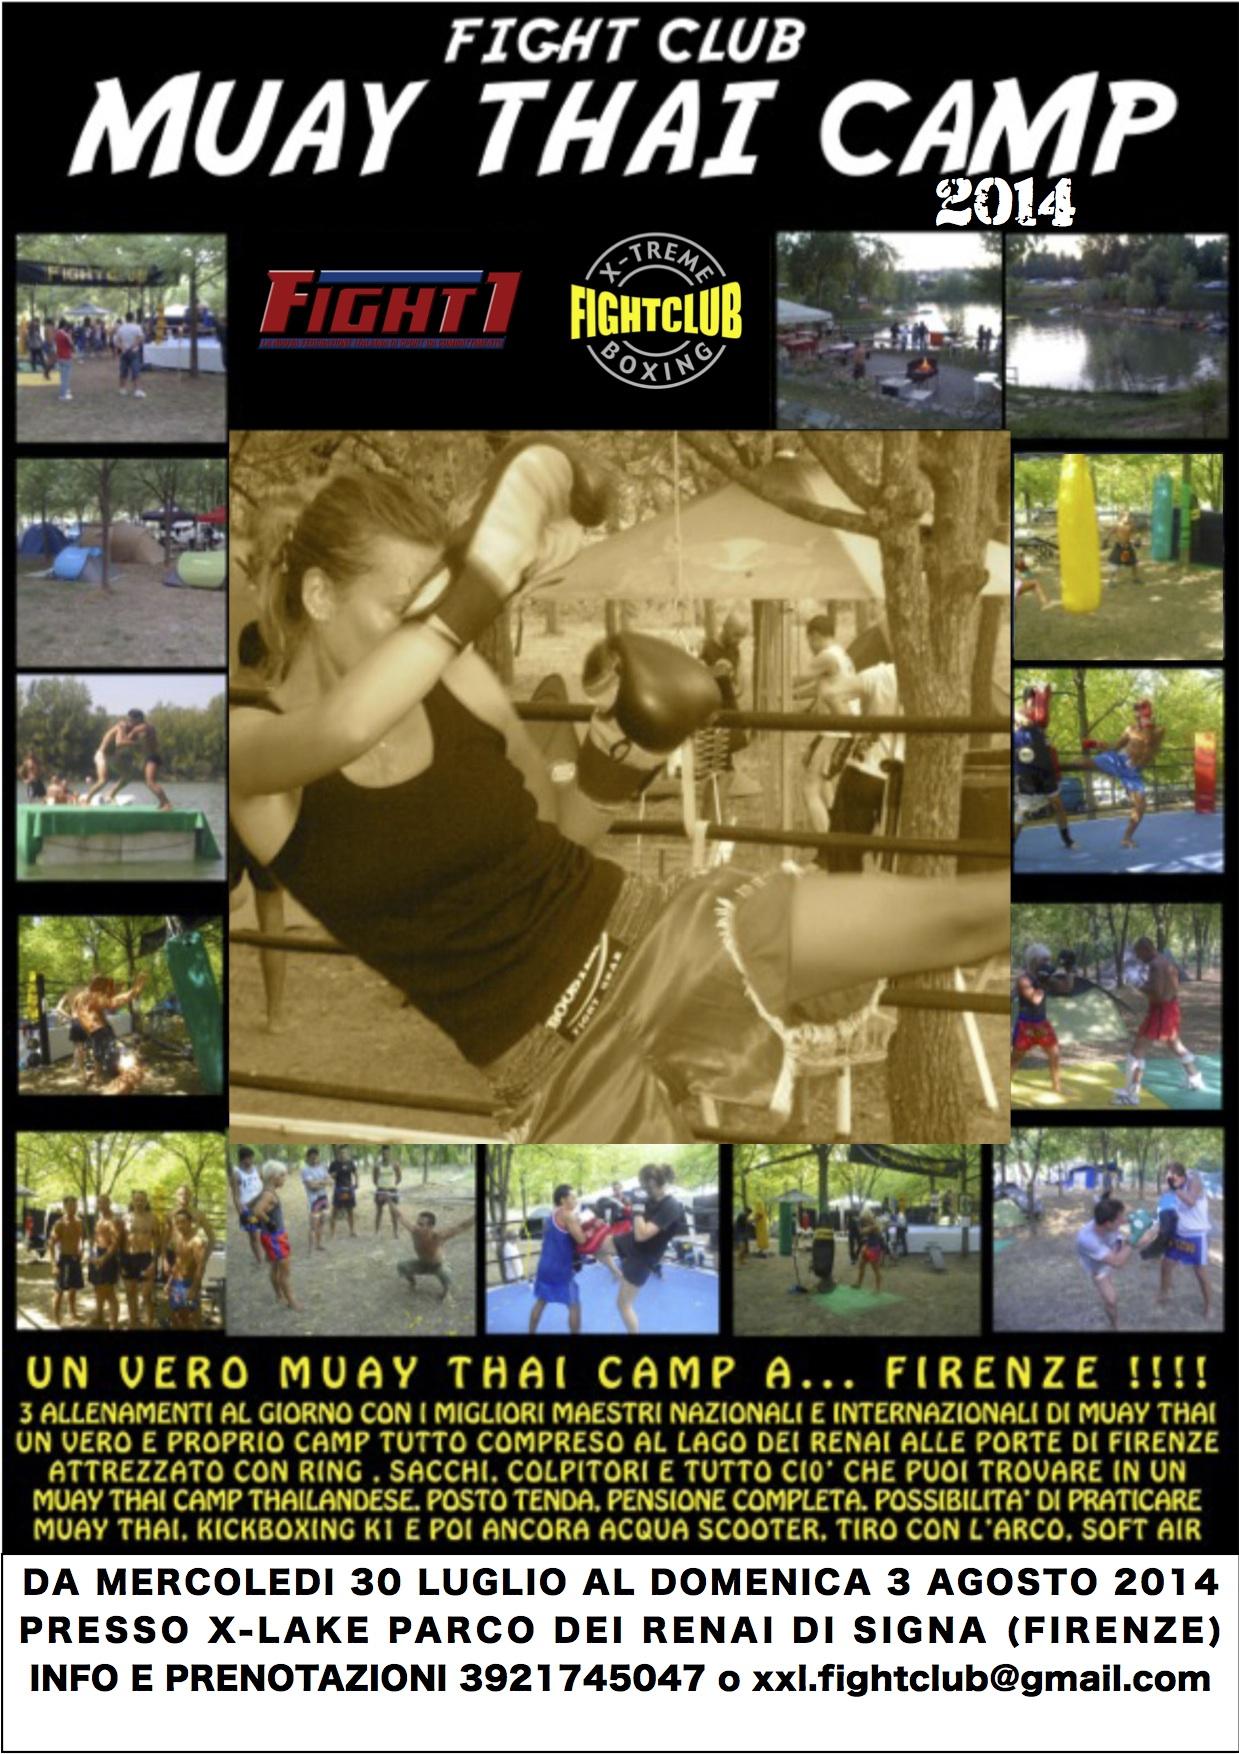 LOCANDINA MUAY THAI CAMP 2014